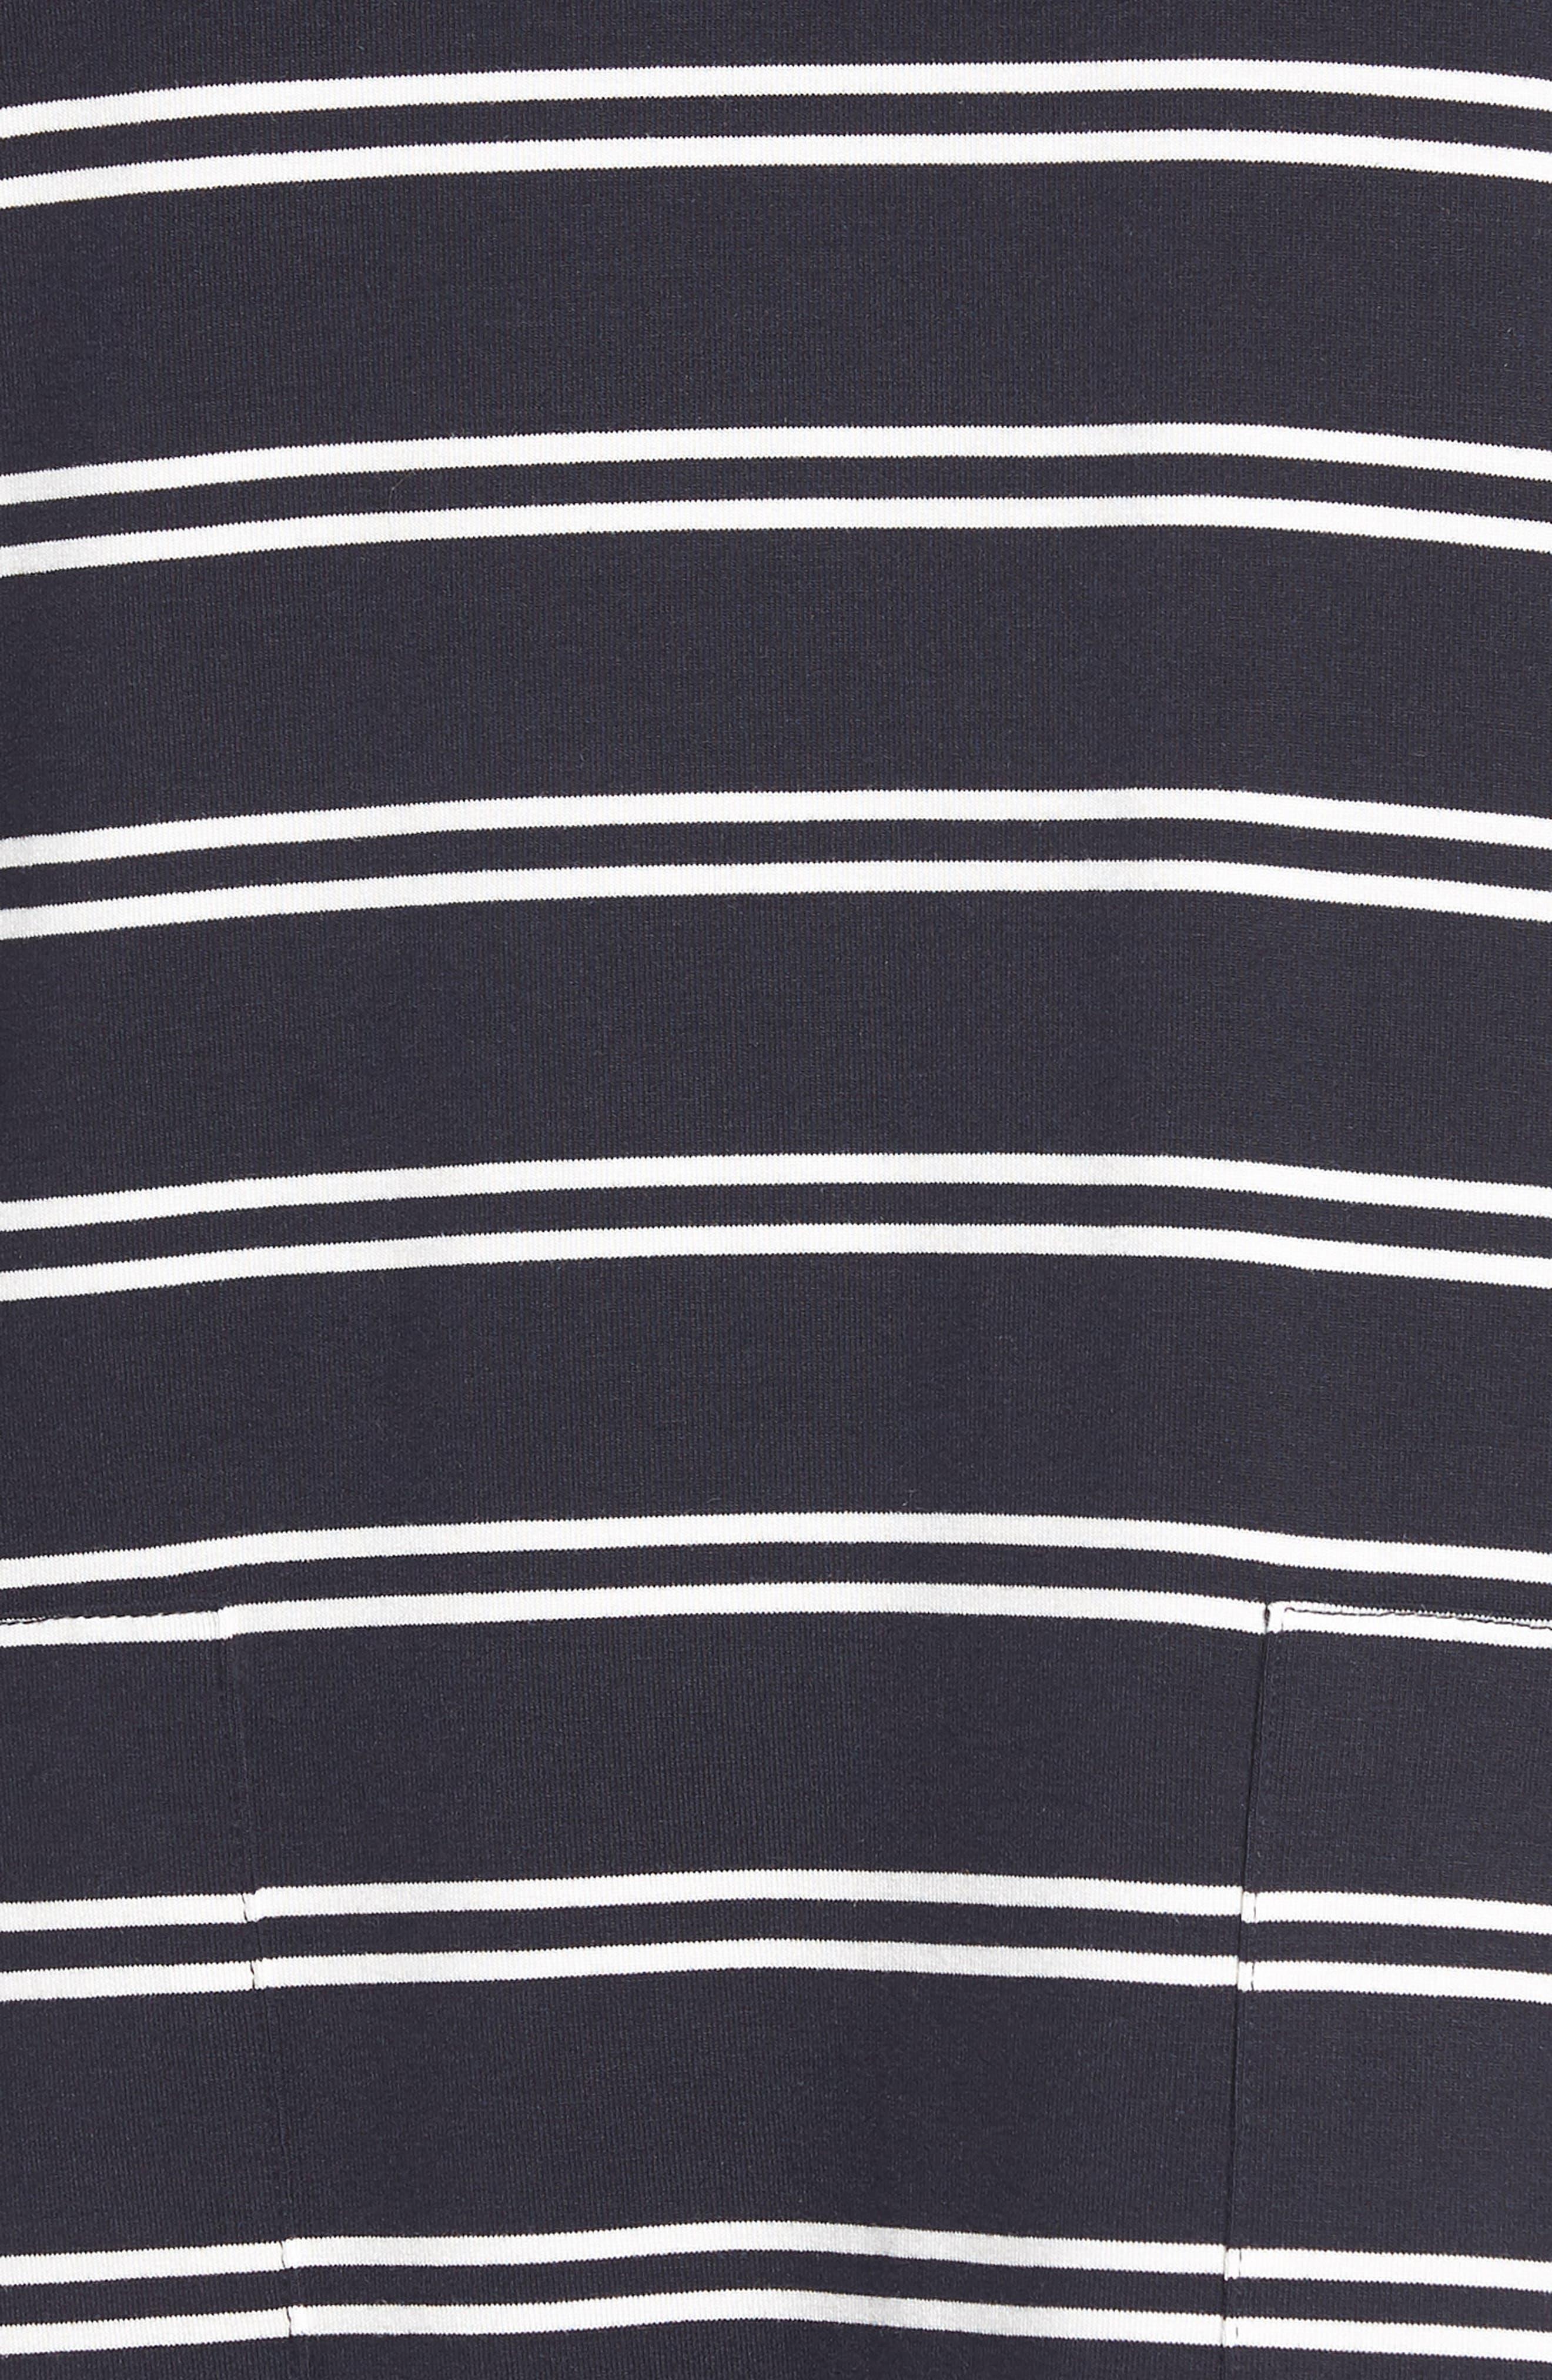 Stripe T-Shirt Dress,                             Alternate thumbnail 6, color,                             Deepest Navy White